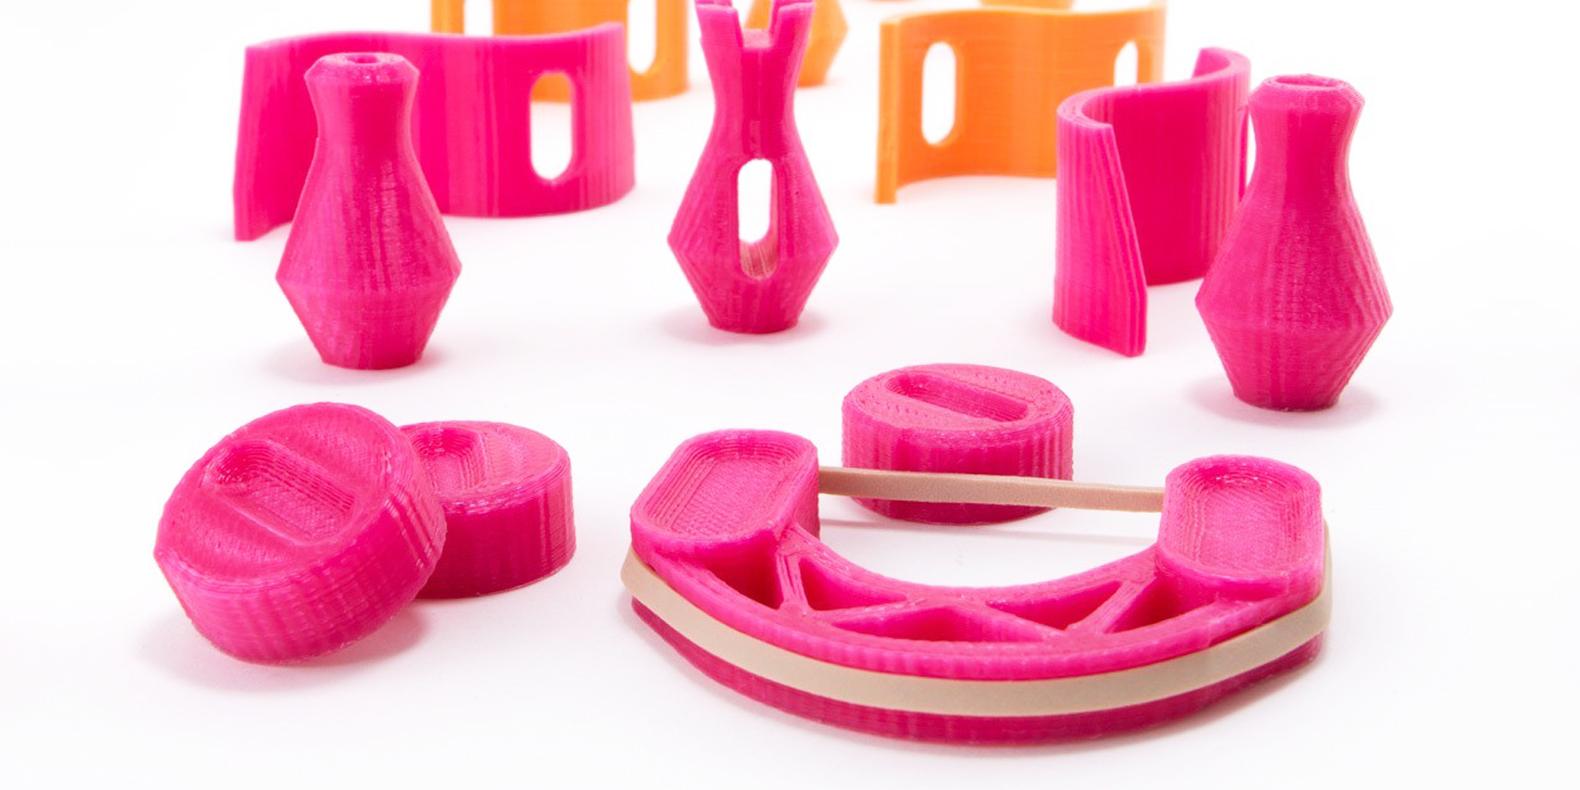 Découvrez dans cette nouvelle collection de modèles 3D utilisant intelligemment des élastiques